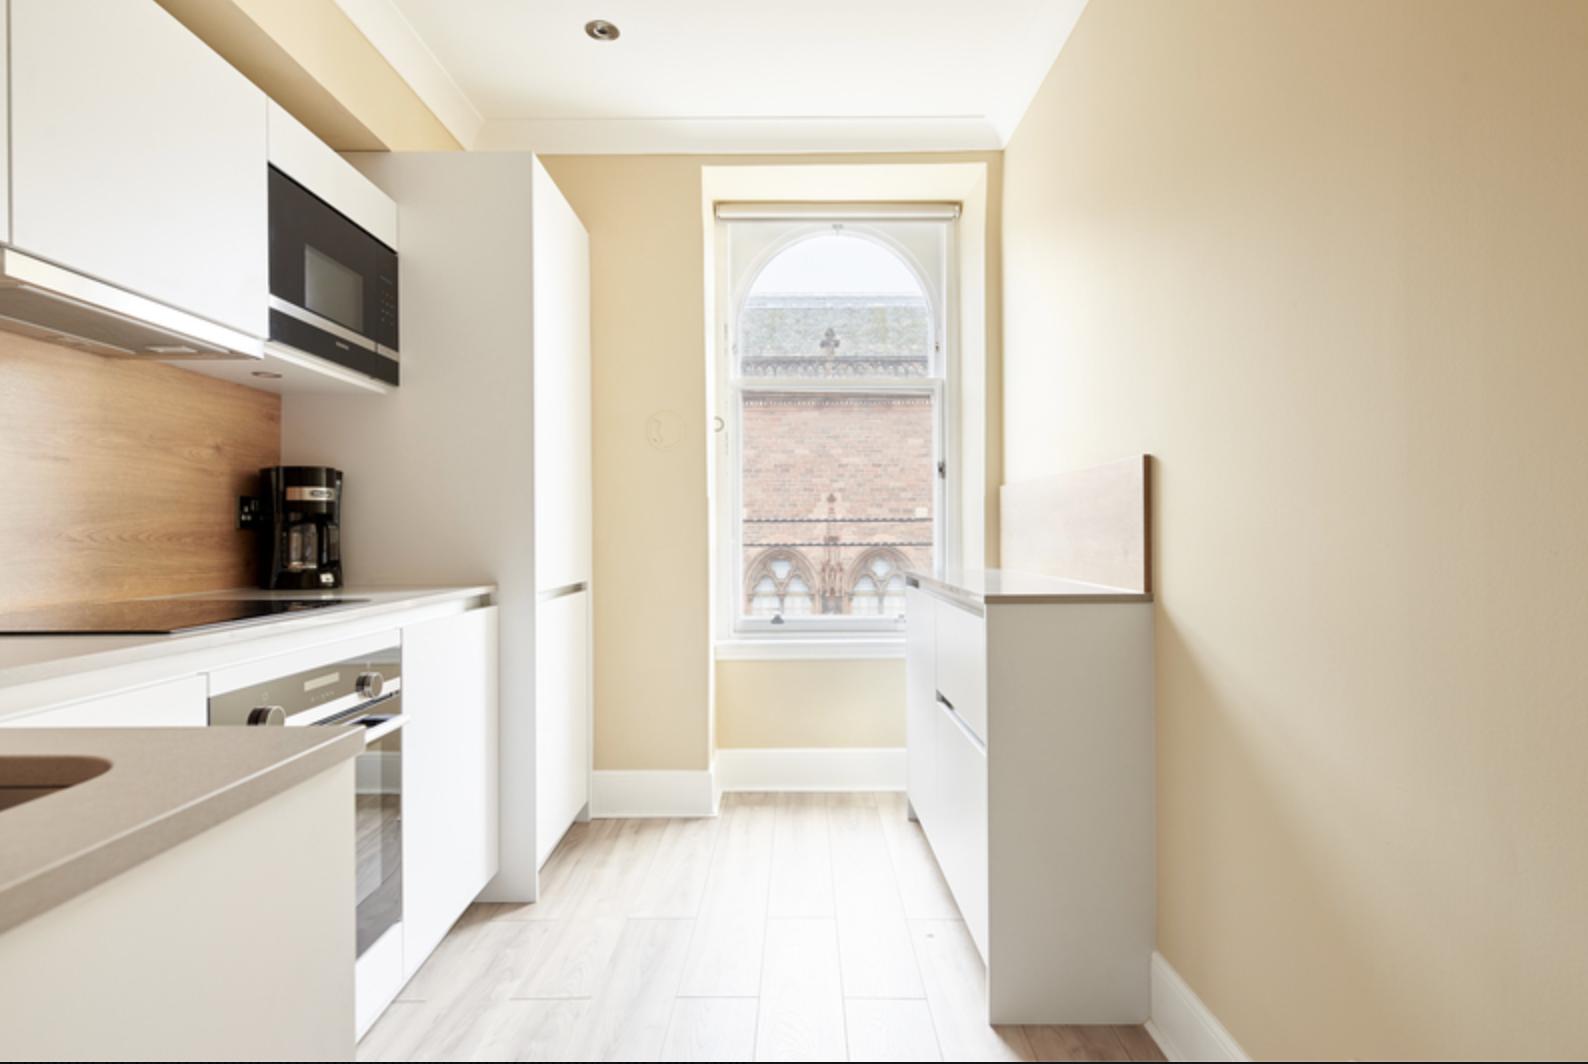 Kitchen at Royal Garden Serviced Apartments, Centre, Edinburgh - Citybase Apartments